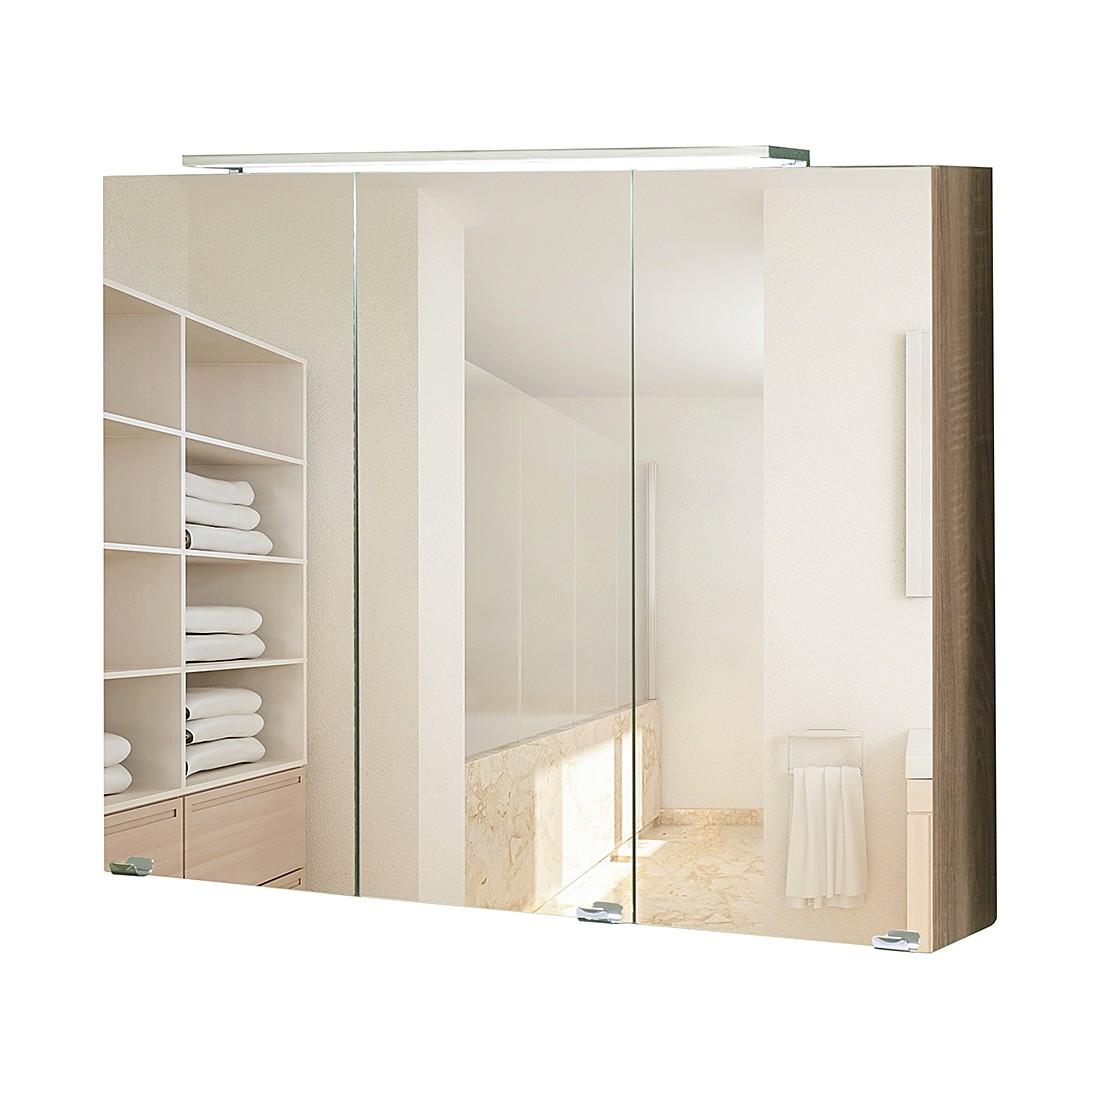 Spiegelschrank 80 cm breit giessbach preisvergleiche for Schuhschrank 140 breit